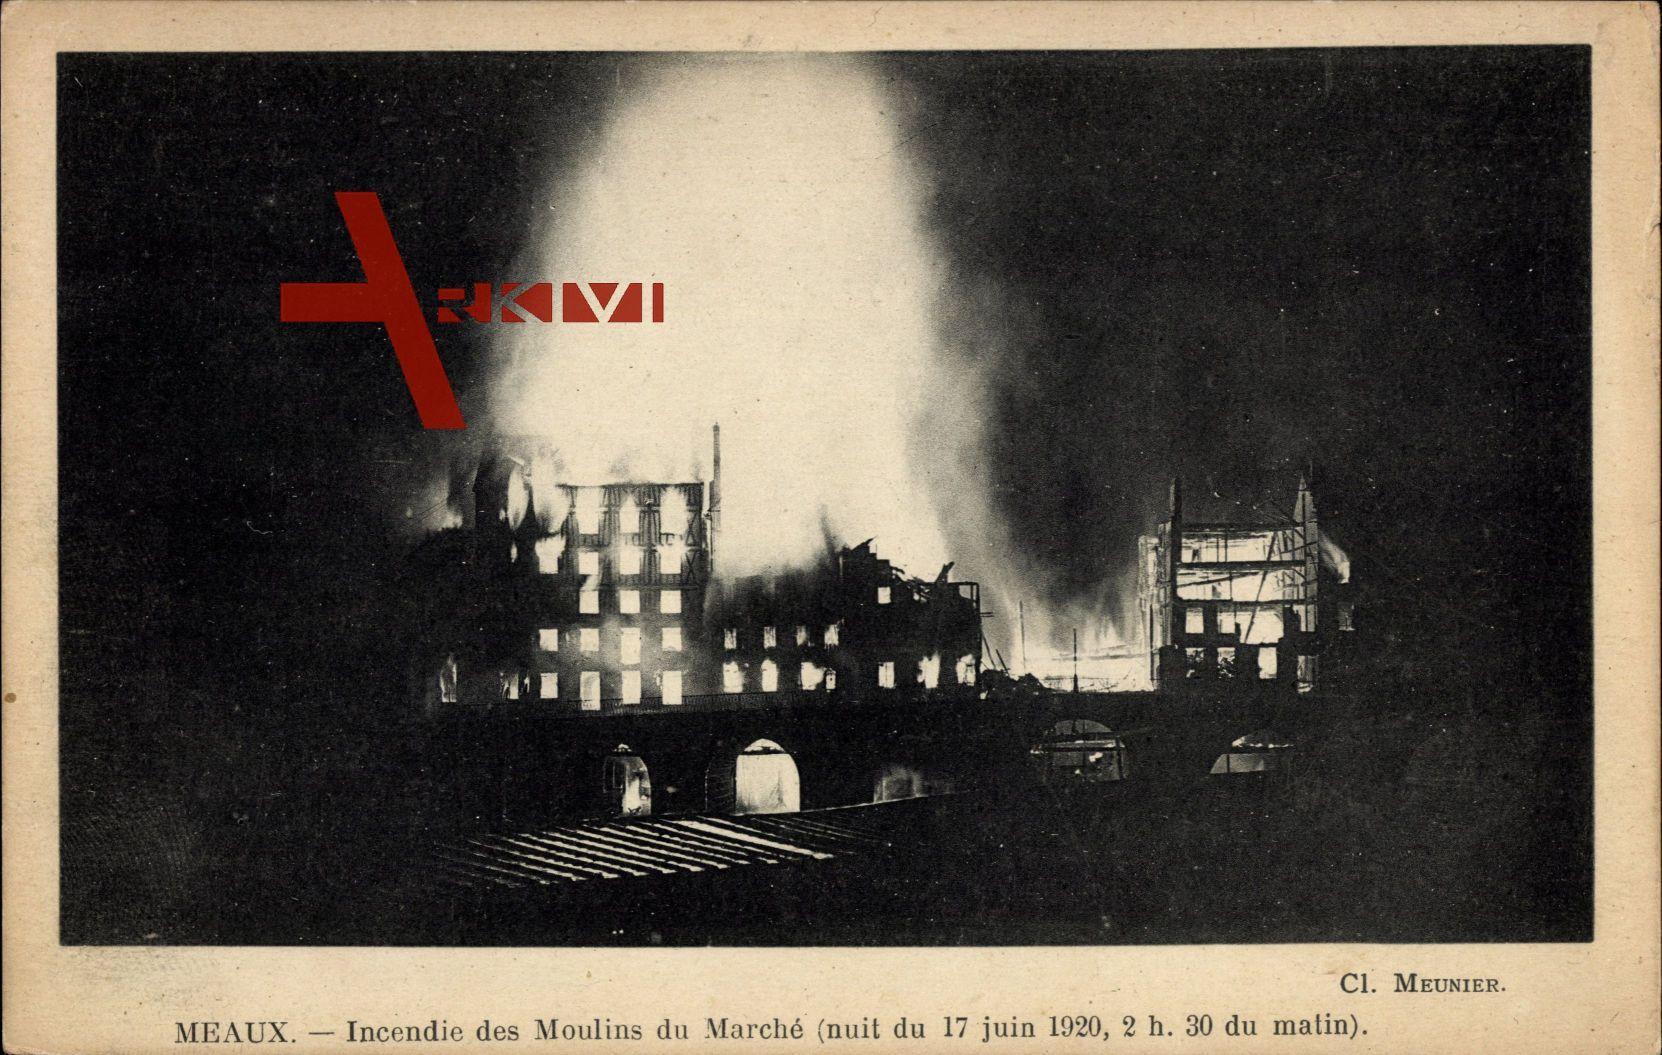 Meaux Seine et Marne, Incendie des Moulins du Marché 17 juin 1920